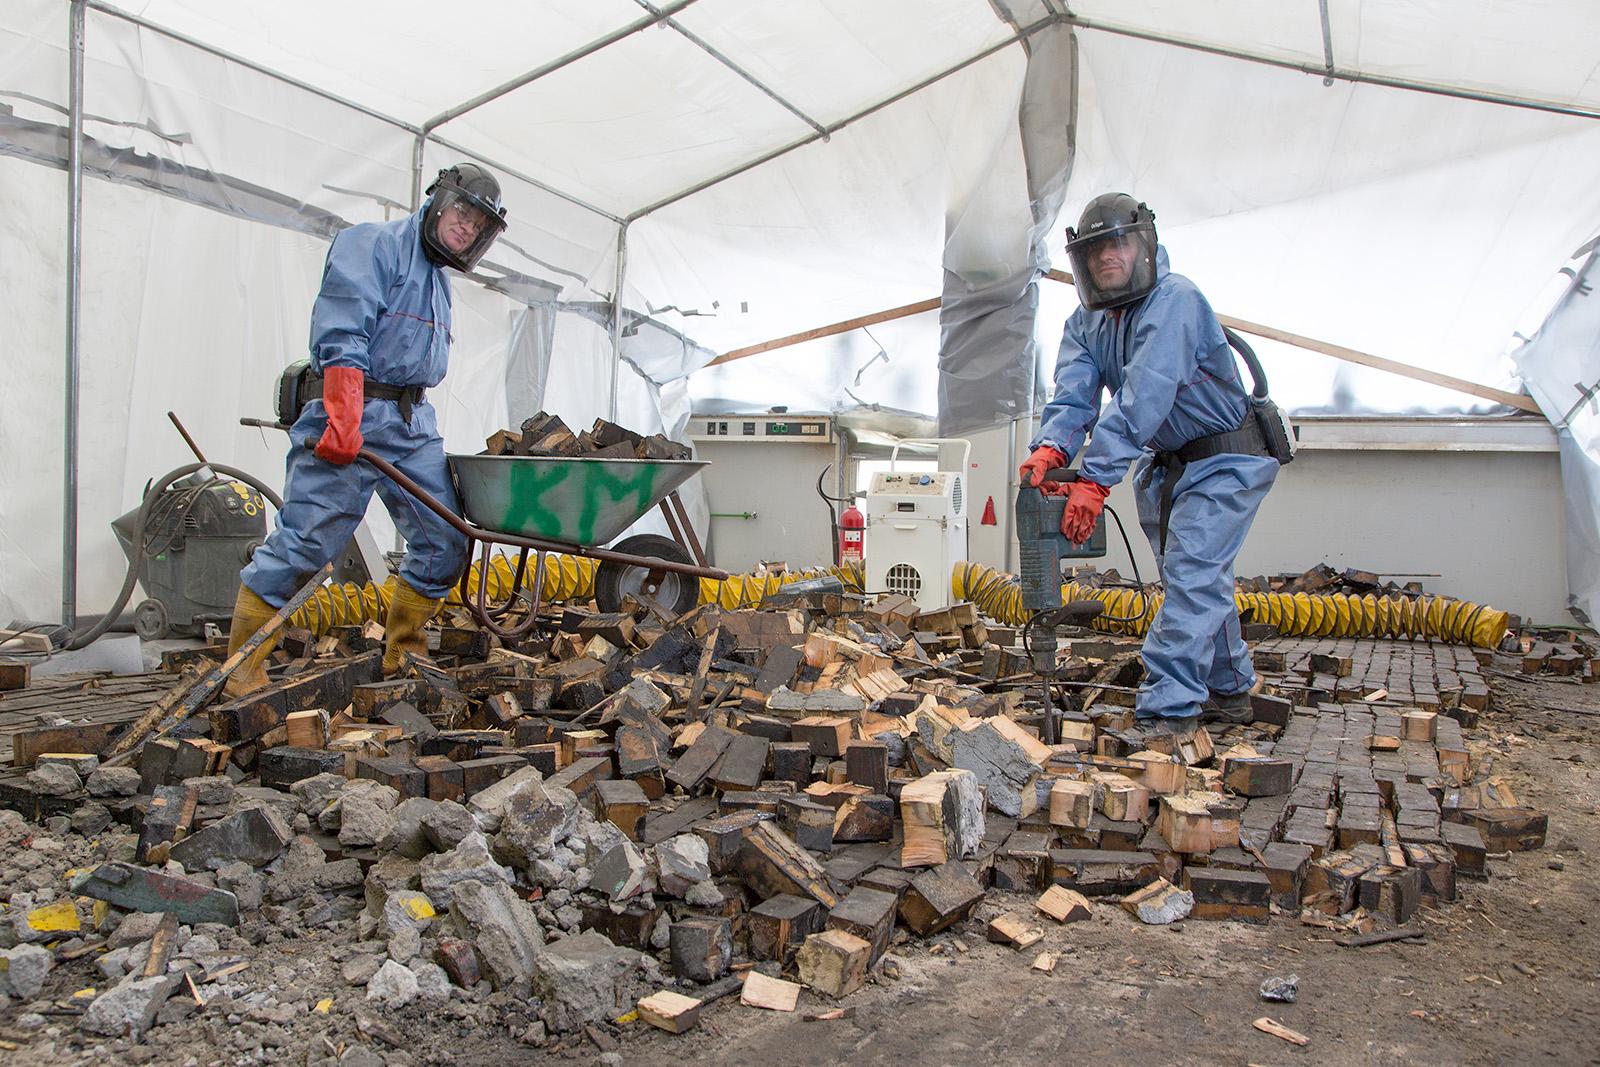 Abbruch im kontaminierten Bereich · Gelsenkirchen